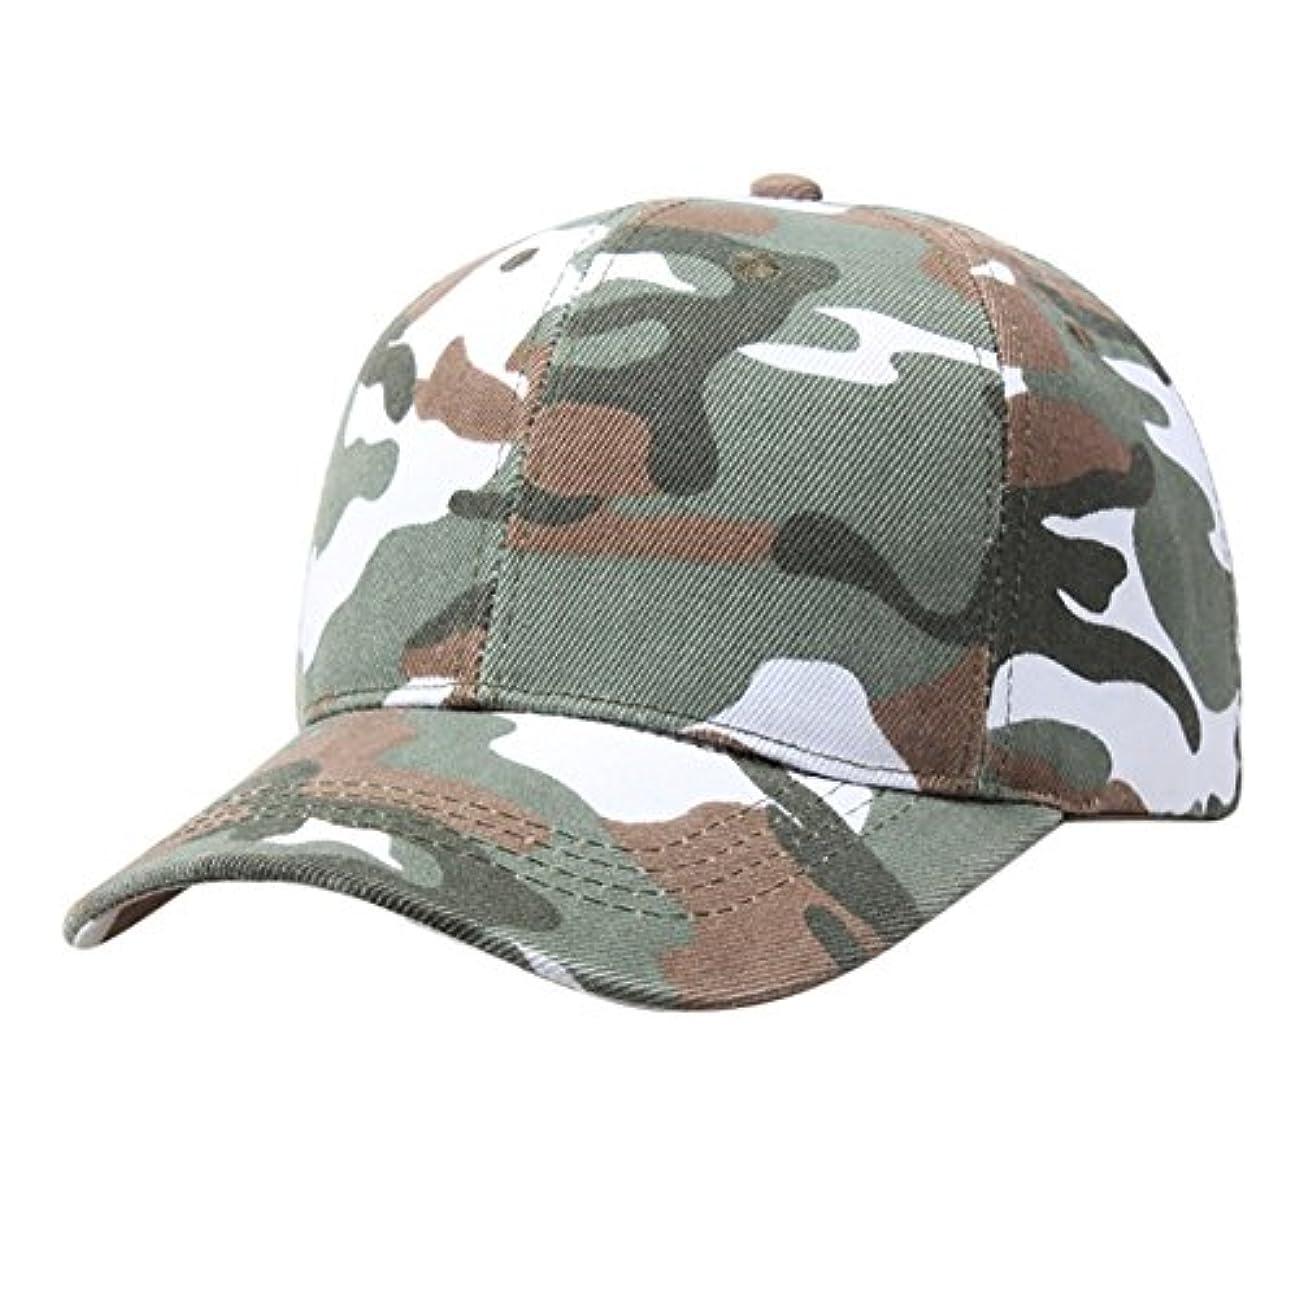 特性提供する消費Racazing Cap 迷彩 野球帽 軍用 通気性のある ヒップホップ 帽子 夏 登山 緑 可調整可能 棒球帽 男女兼用 UV 帽子 軽量 屋外 カモフラージュ Unisex Cap (緑)